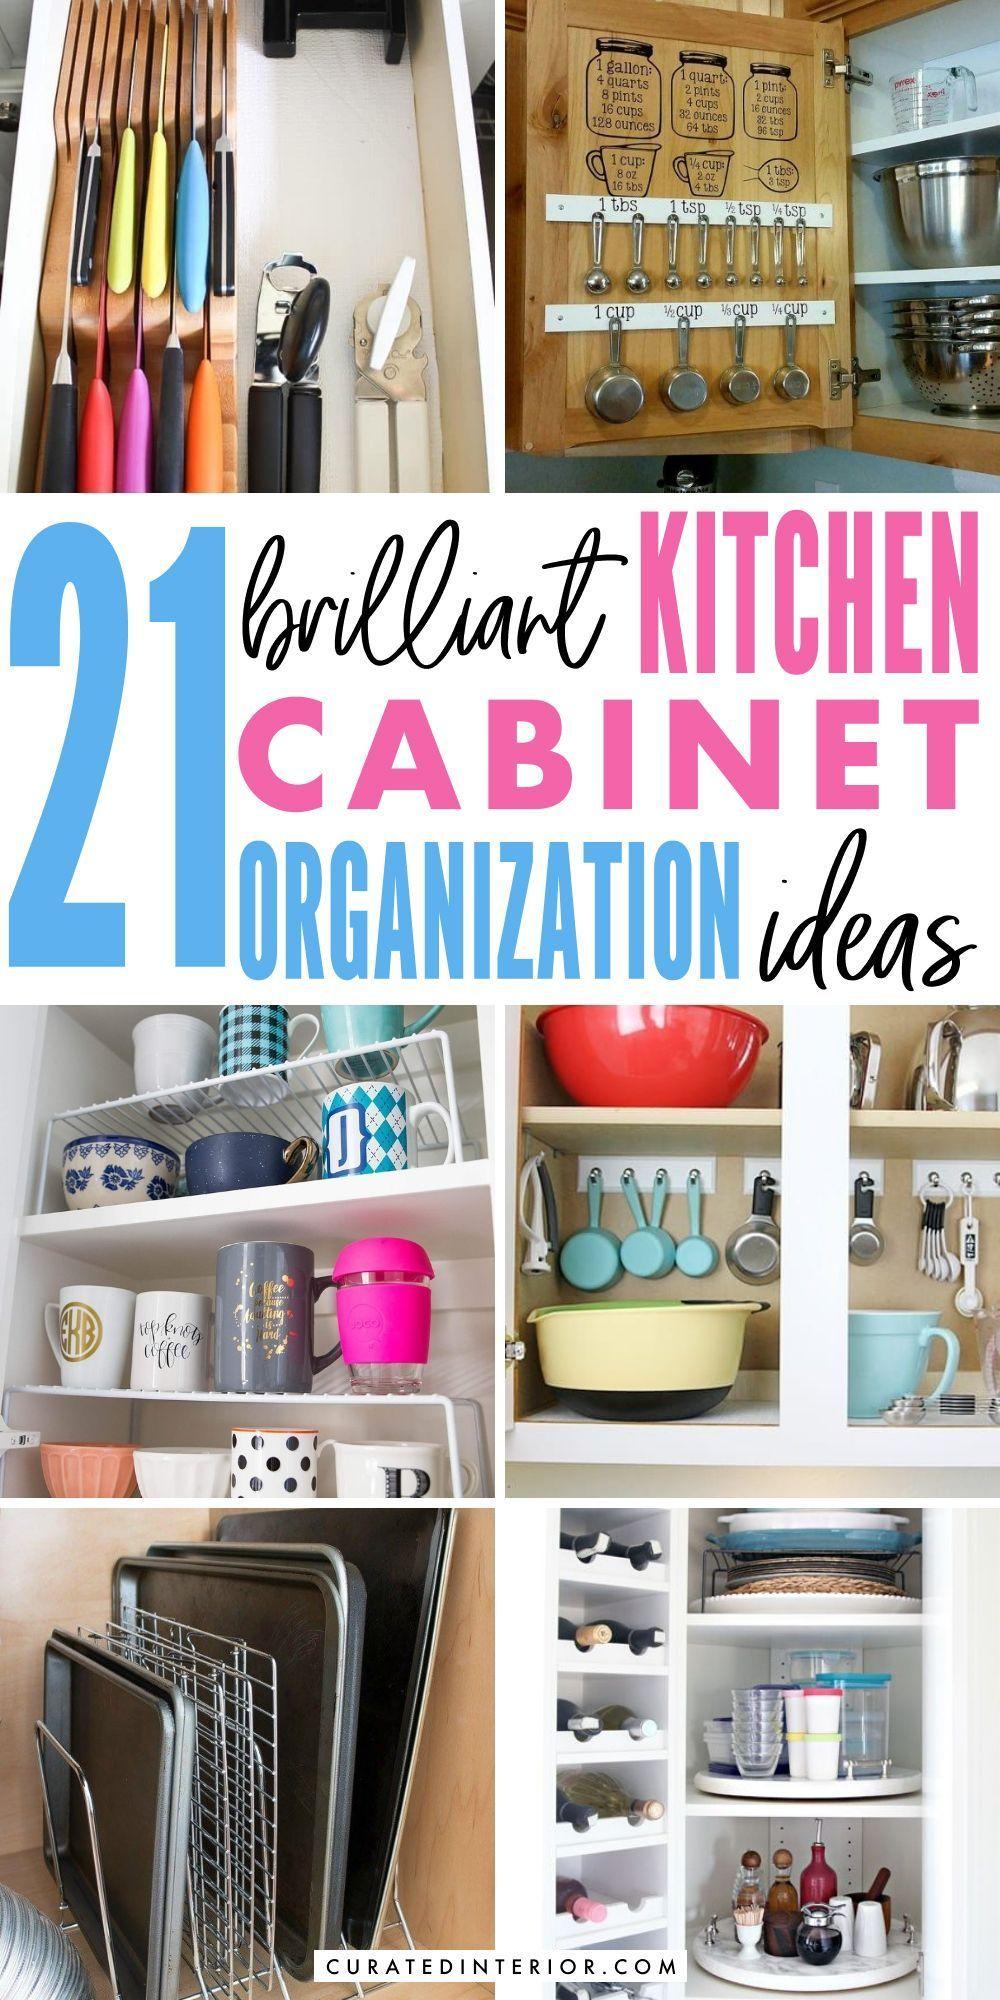 21 Brilliant Kitchen Cabinet Organization Ideas